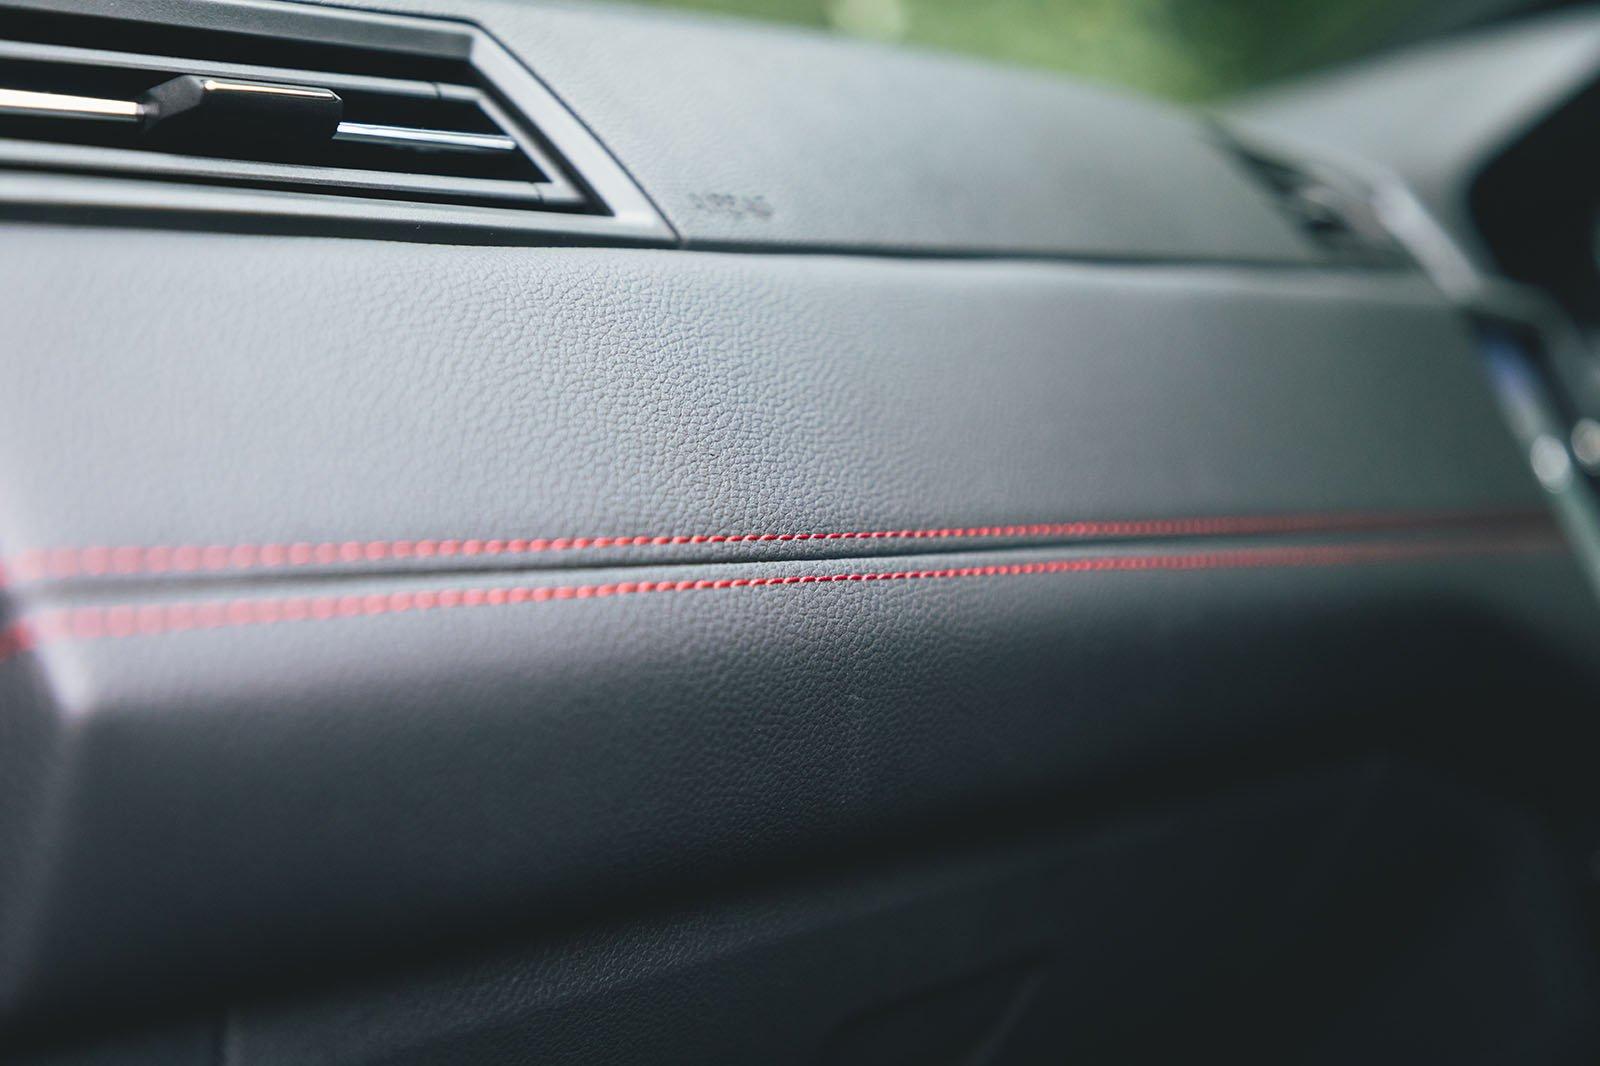 Seat Ibiza 2020 interior trim